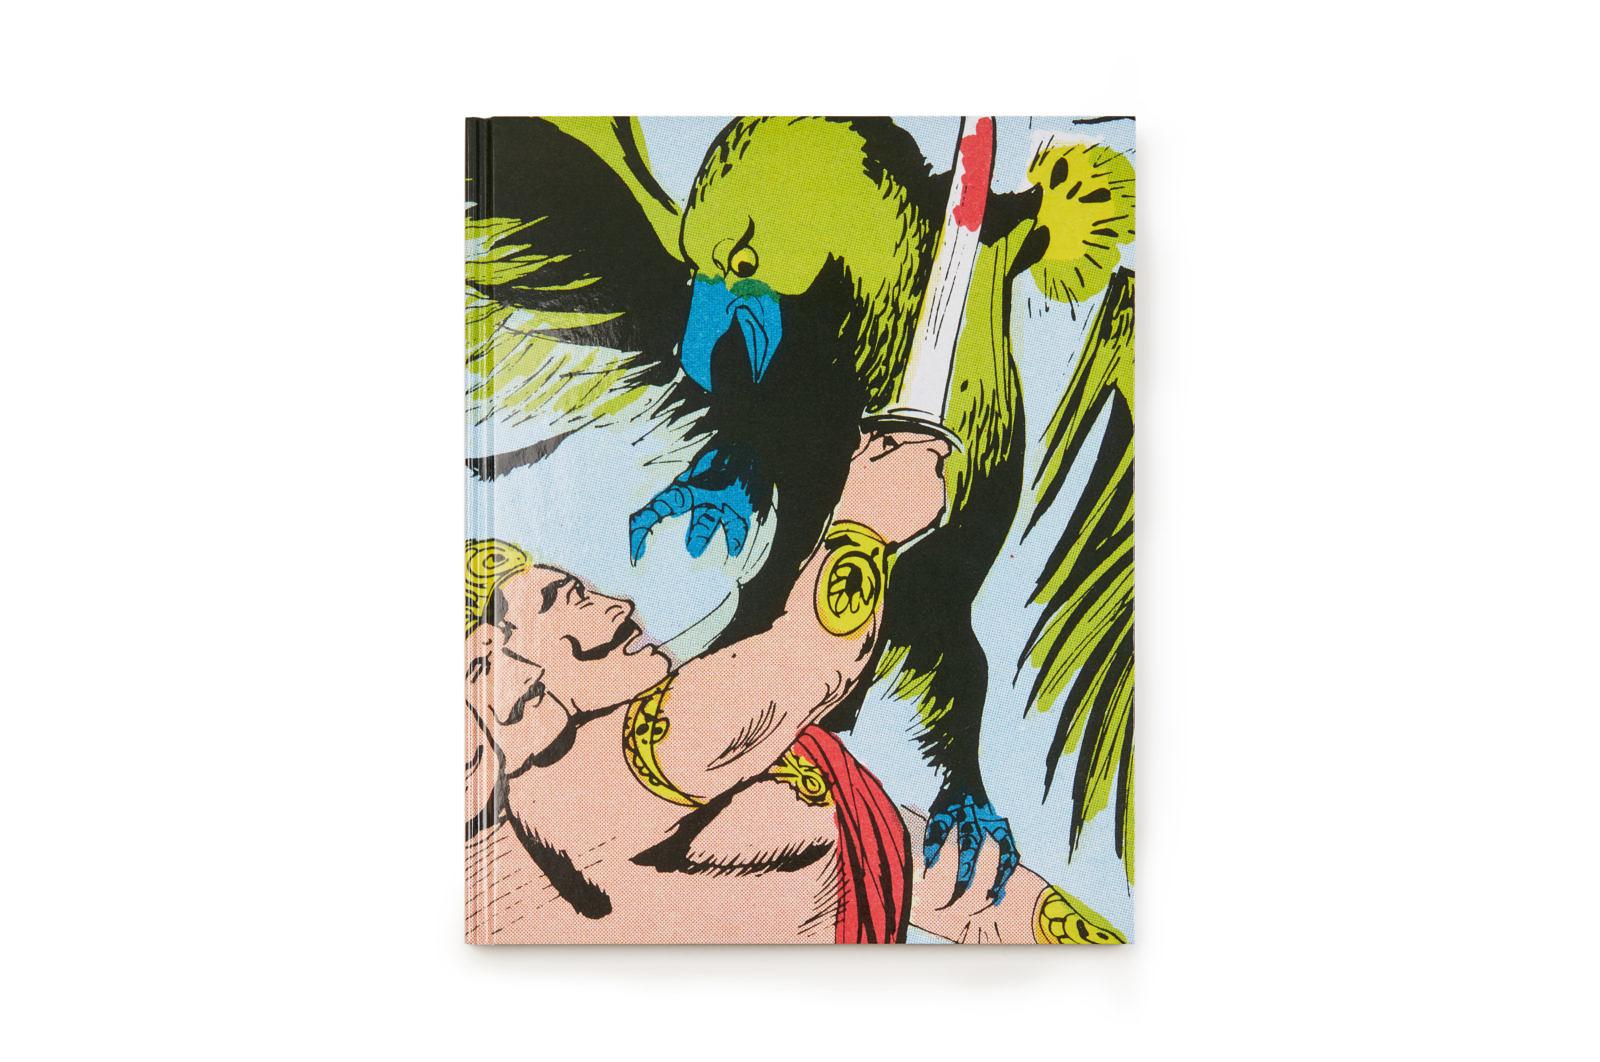 Dandaka - First edition